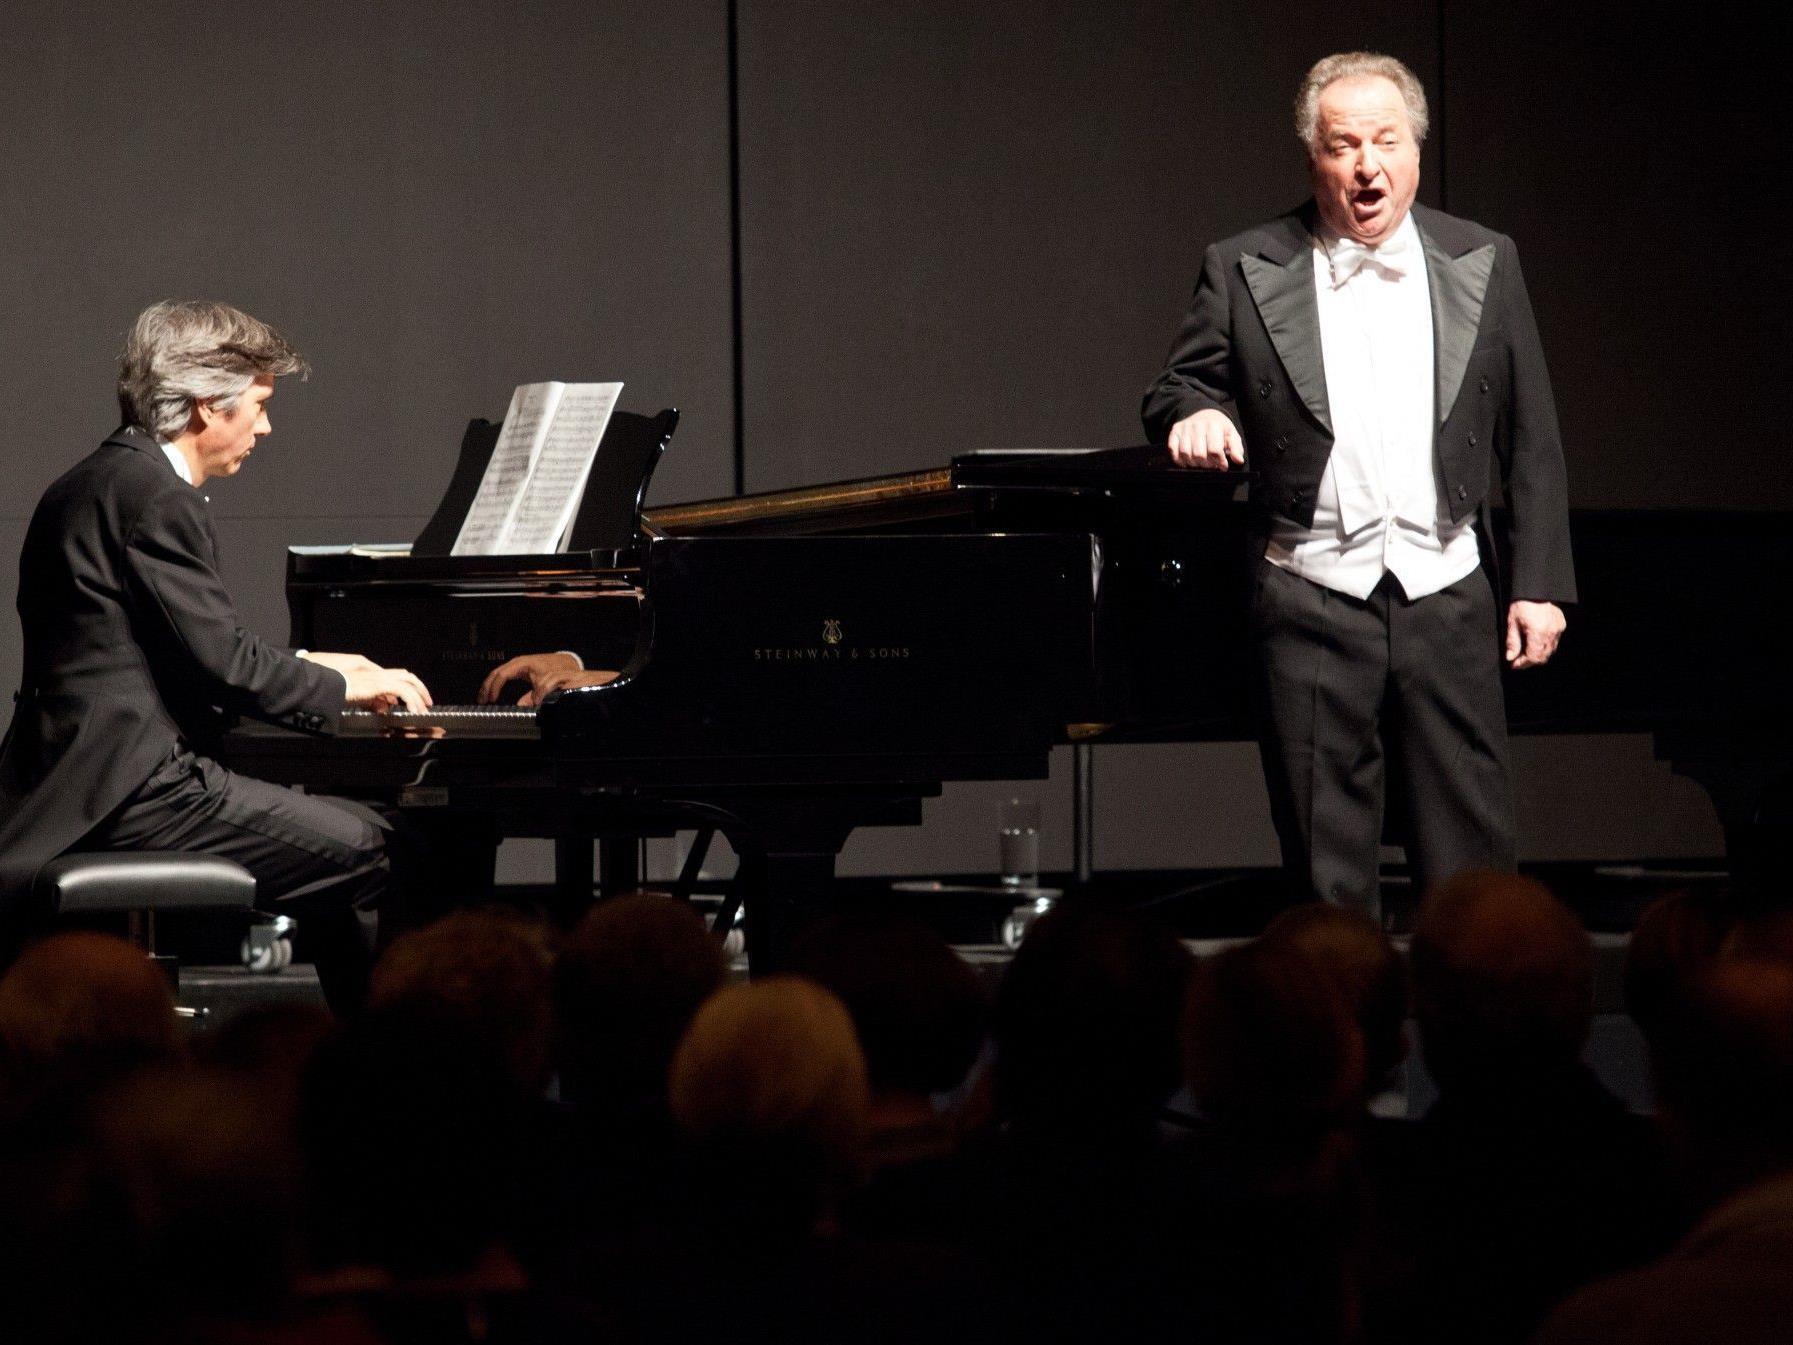 Soiree mit Komponist/Pianist Jürg Hanselmann und Tenor Karl Jerolitsch